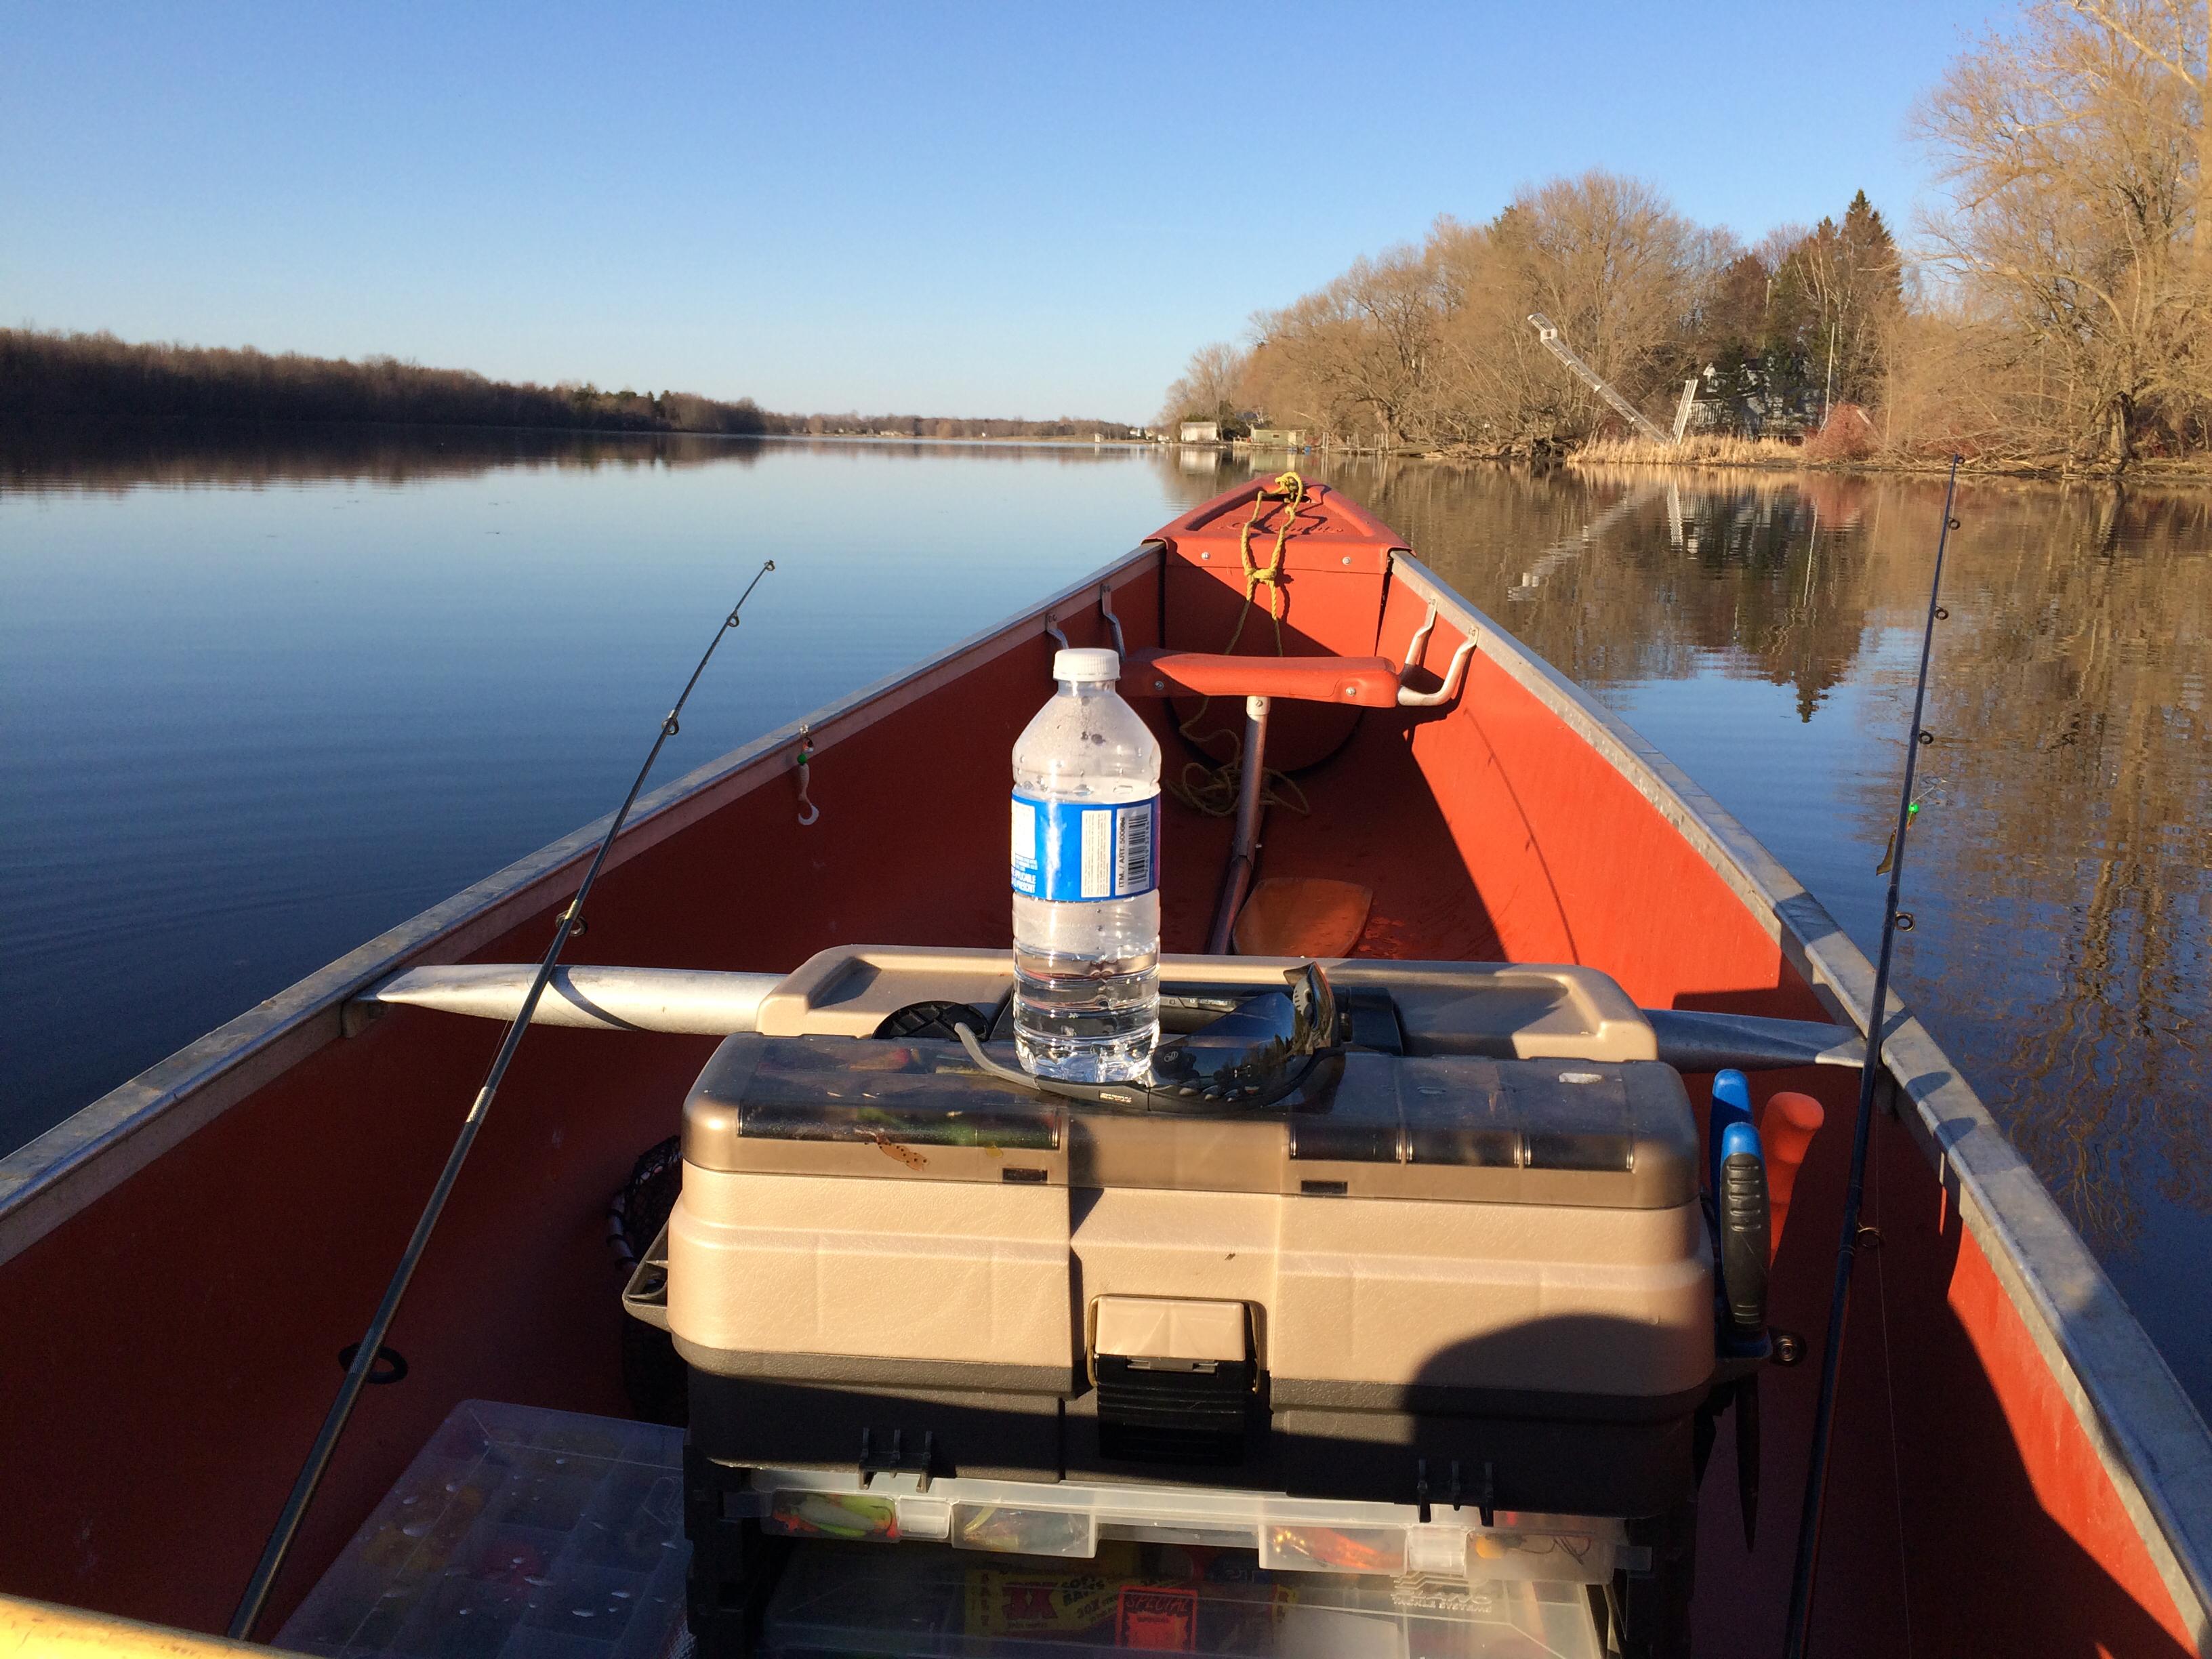 16-foot Coleman canoe